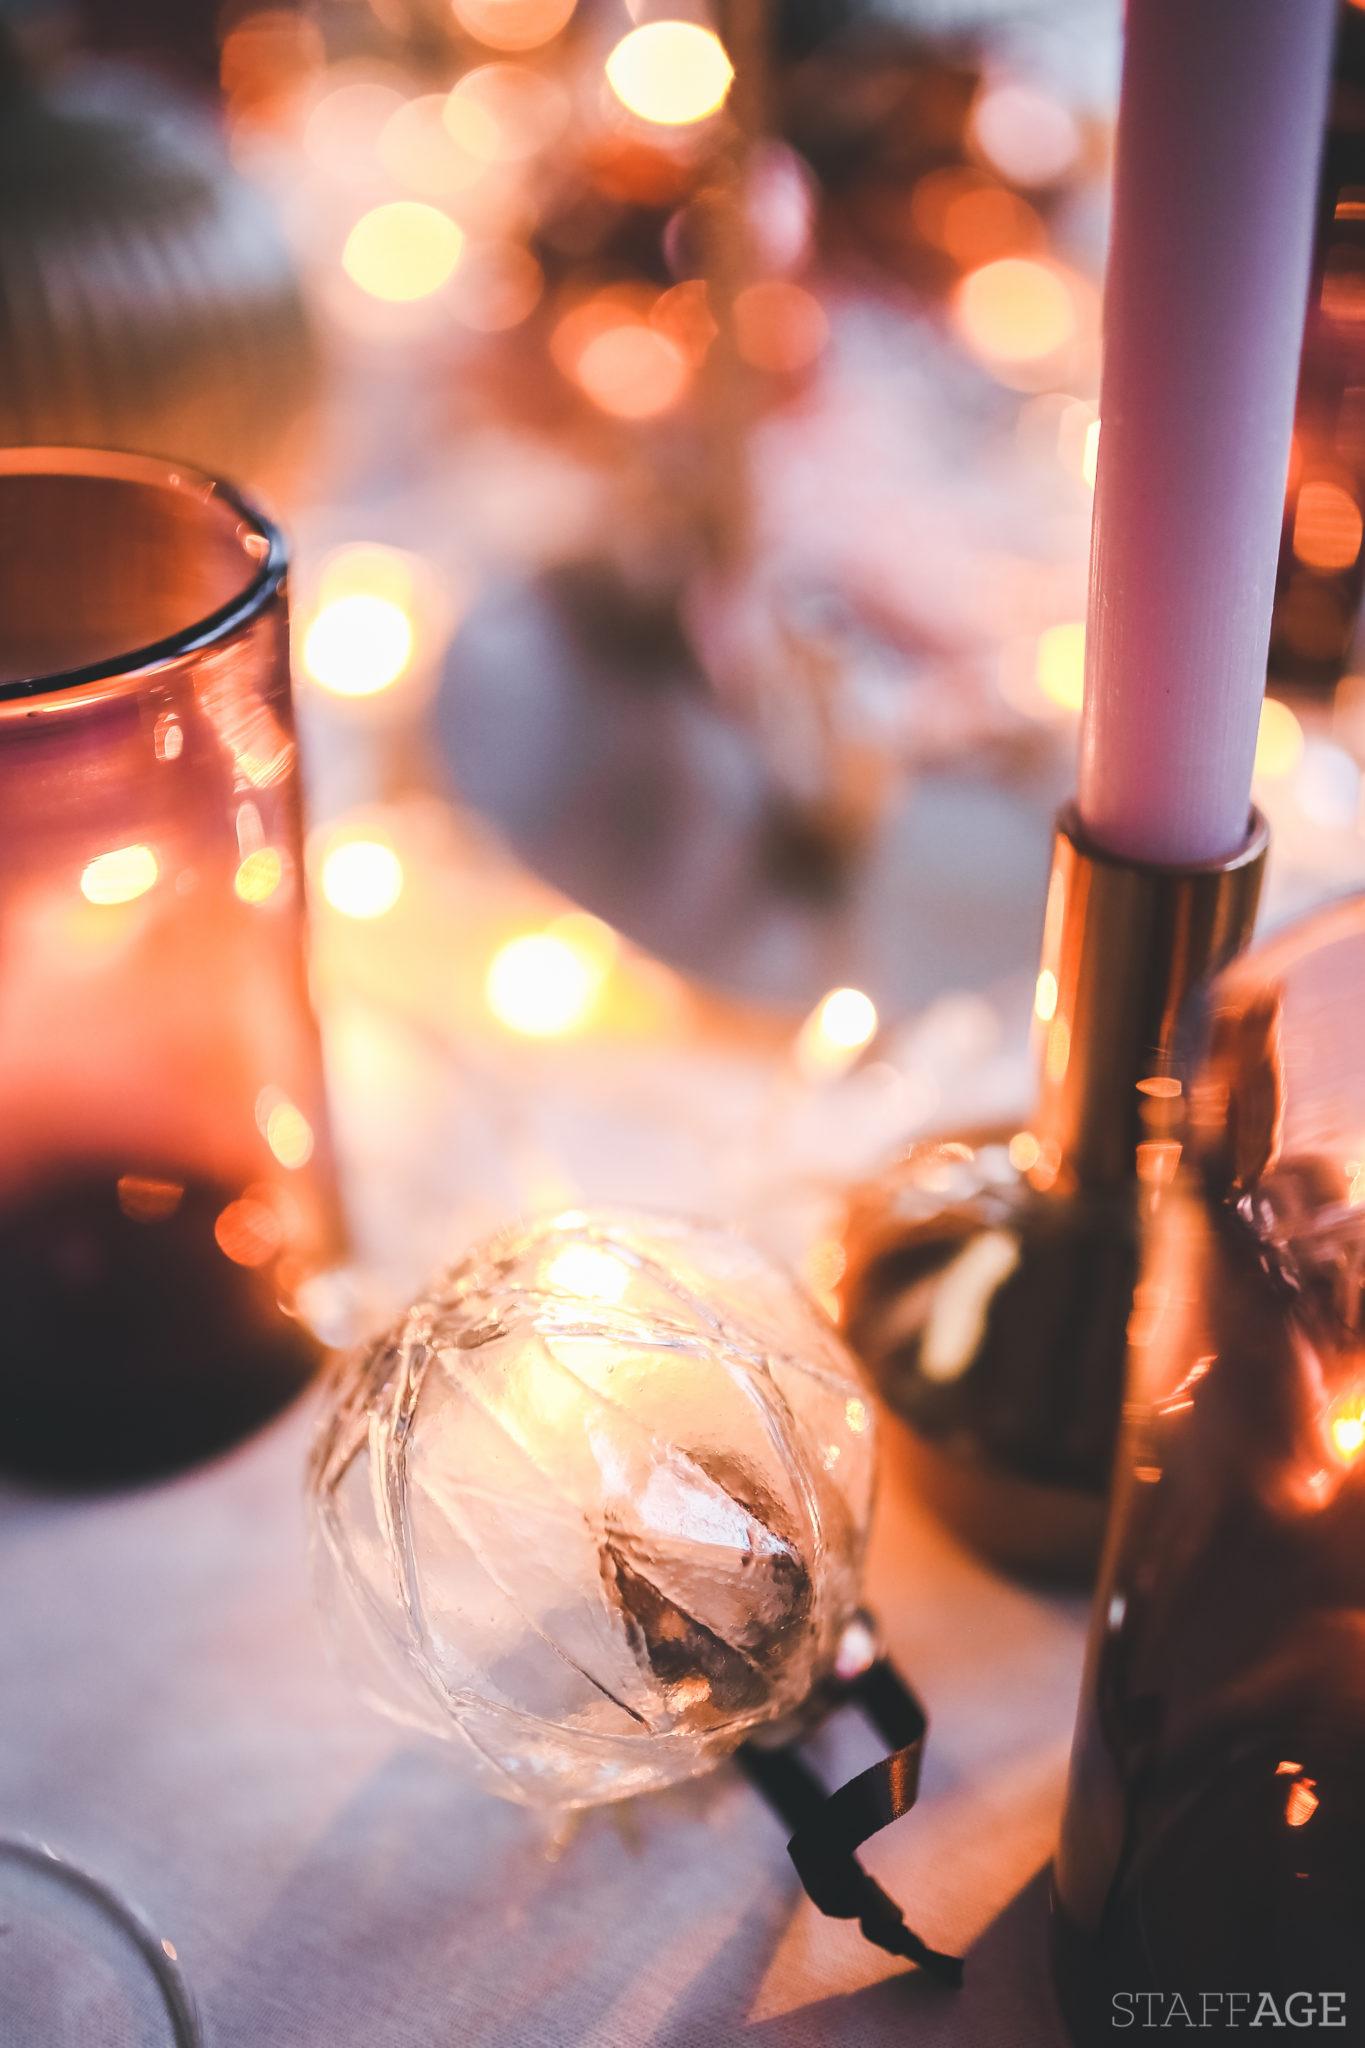 11 Staffagepl wigilijny stol pomysly na jadalnie swiateczne aranzacje chrstmas table settings ideas interior design winter flowers tableware